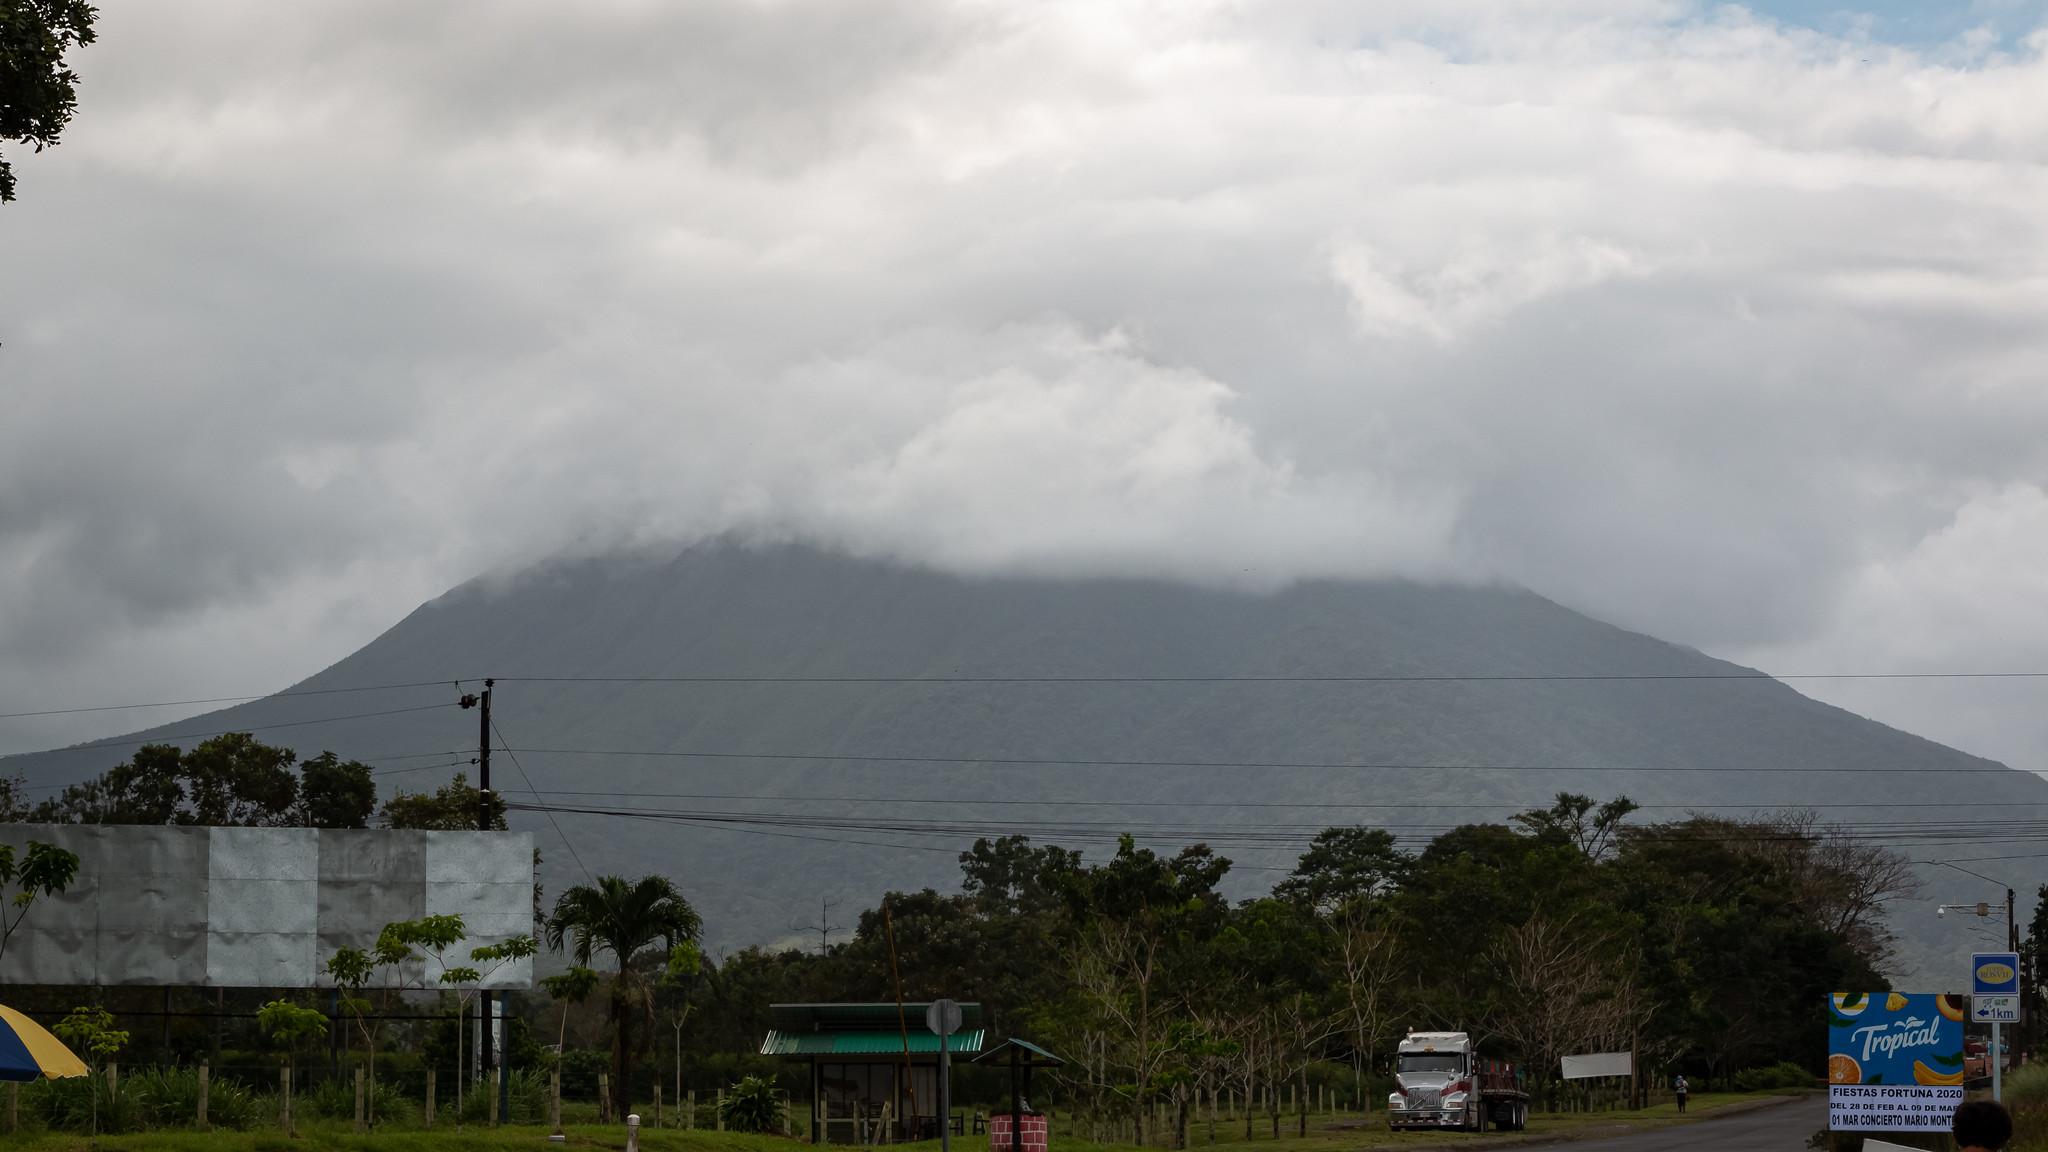 Fortuna - [Costa Rica]